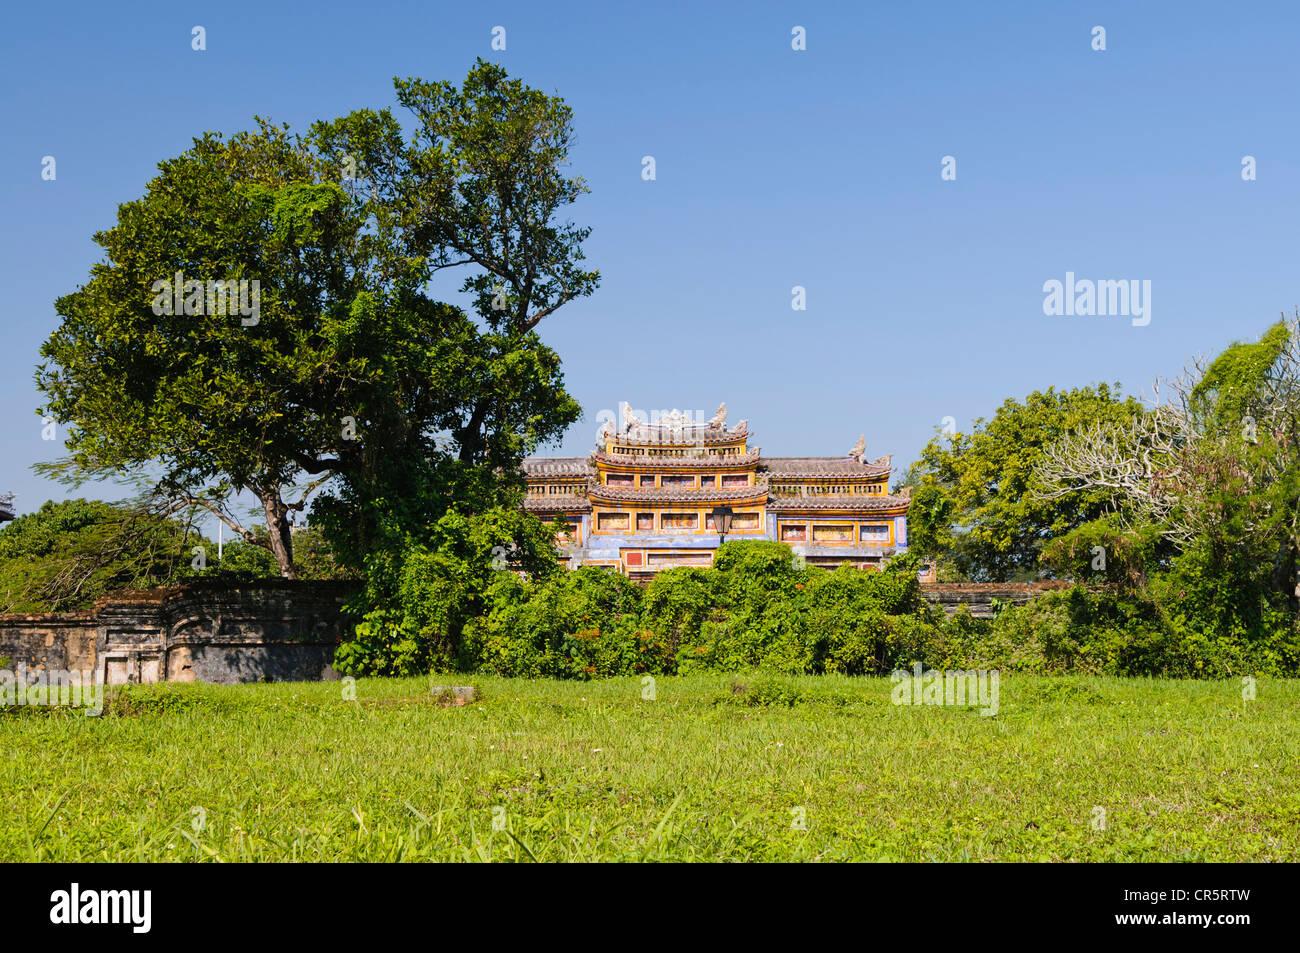 Pelouse en face de la porte du temple de générations, le mieu, Palais Thai Hoa, complexe Hoang Thanh Imperial Photo Stock